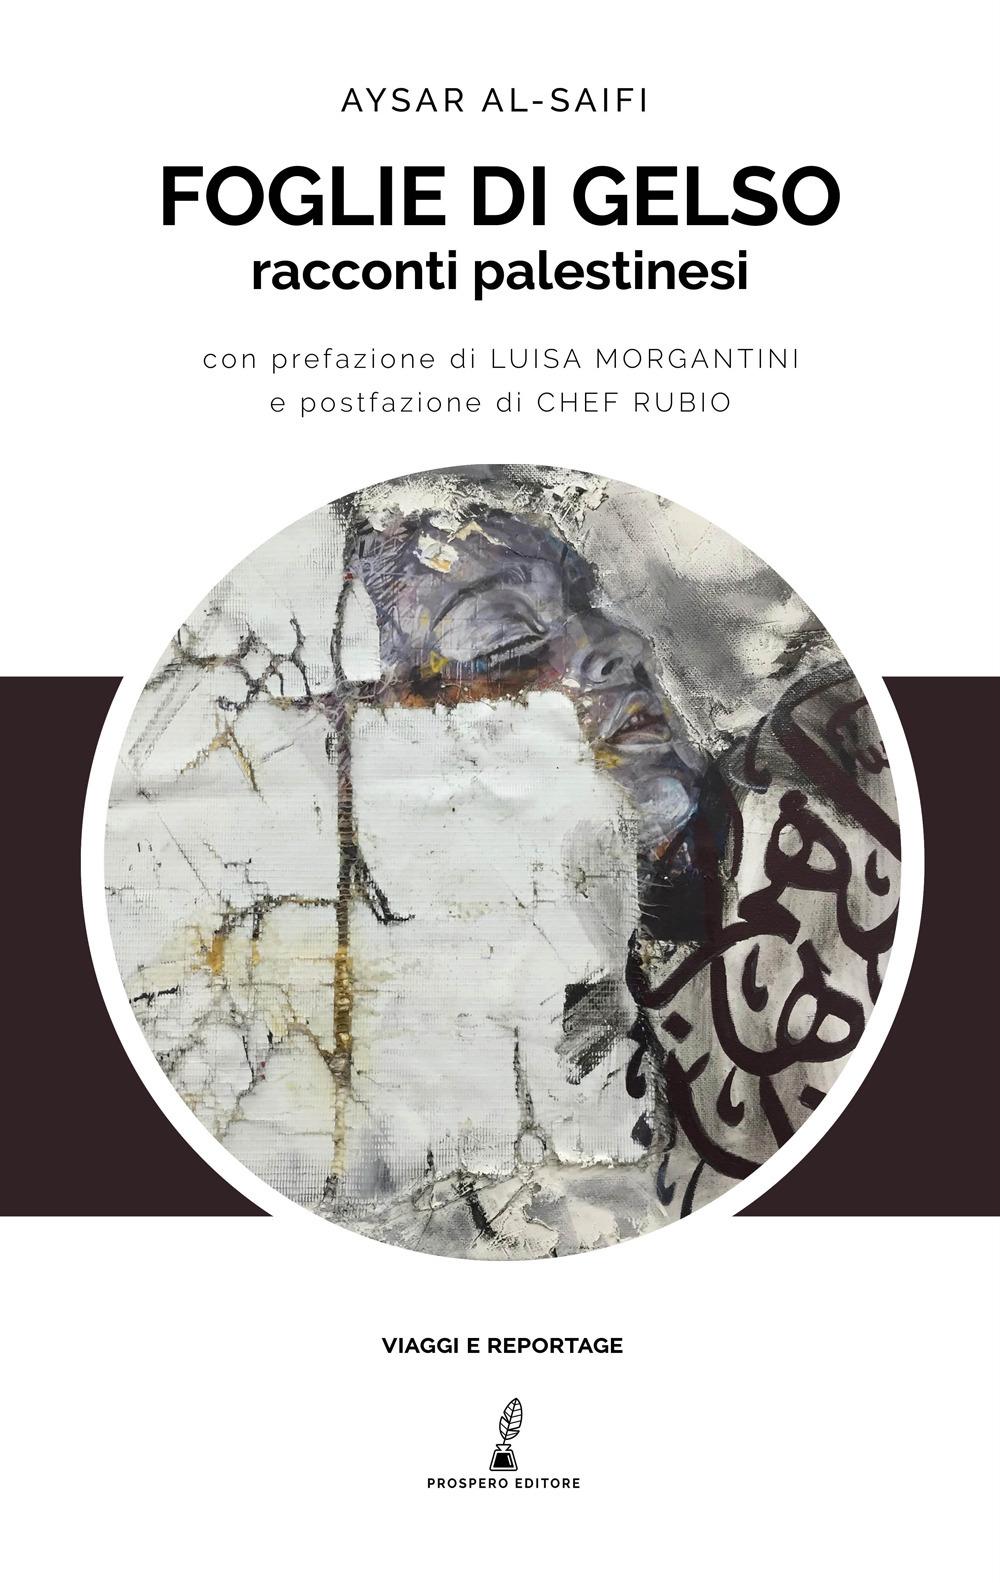 Libri Al-Saifi Aysar - Foglie Di Gelso. Racconti Palestinesi NUOVO SIGILLATO, EDIZIONE DEL 05/11/2020 SUBITO DISPONIBILE